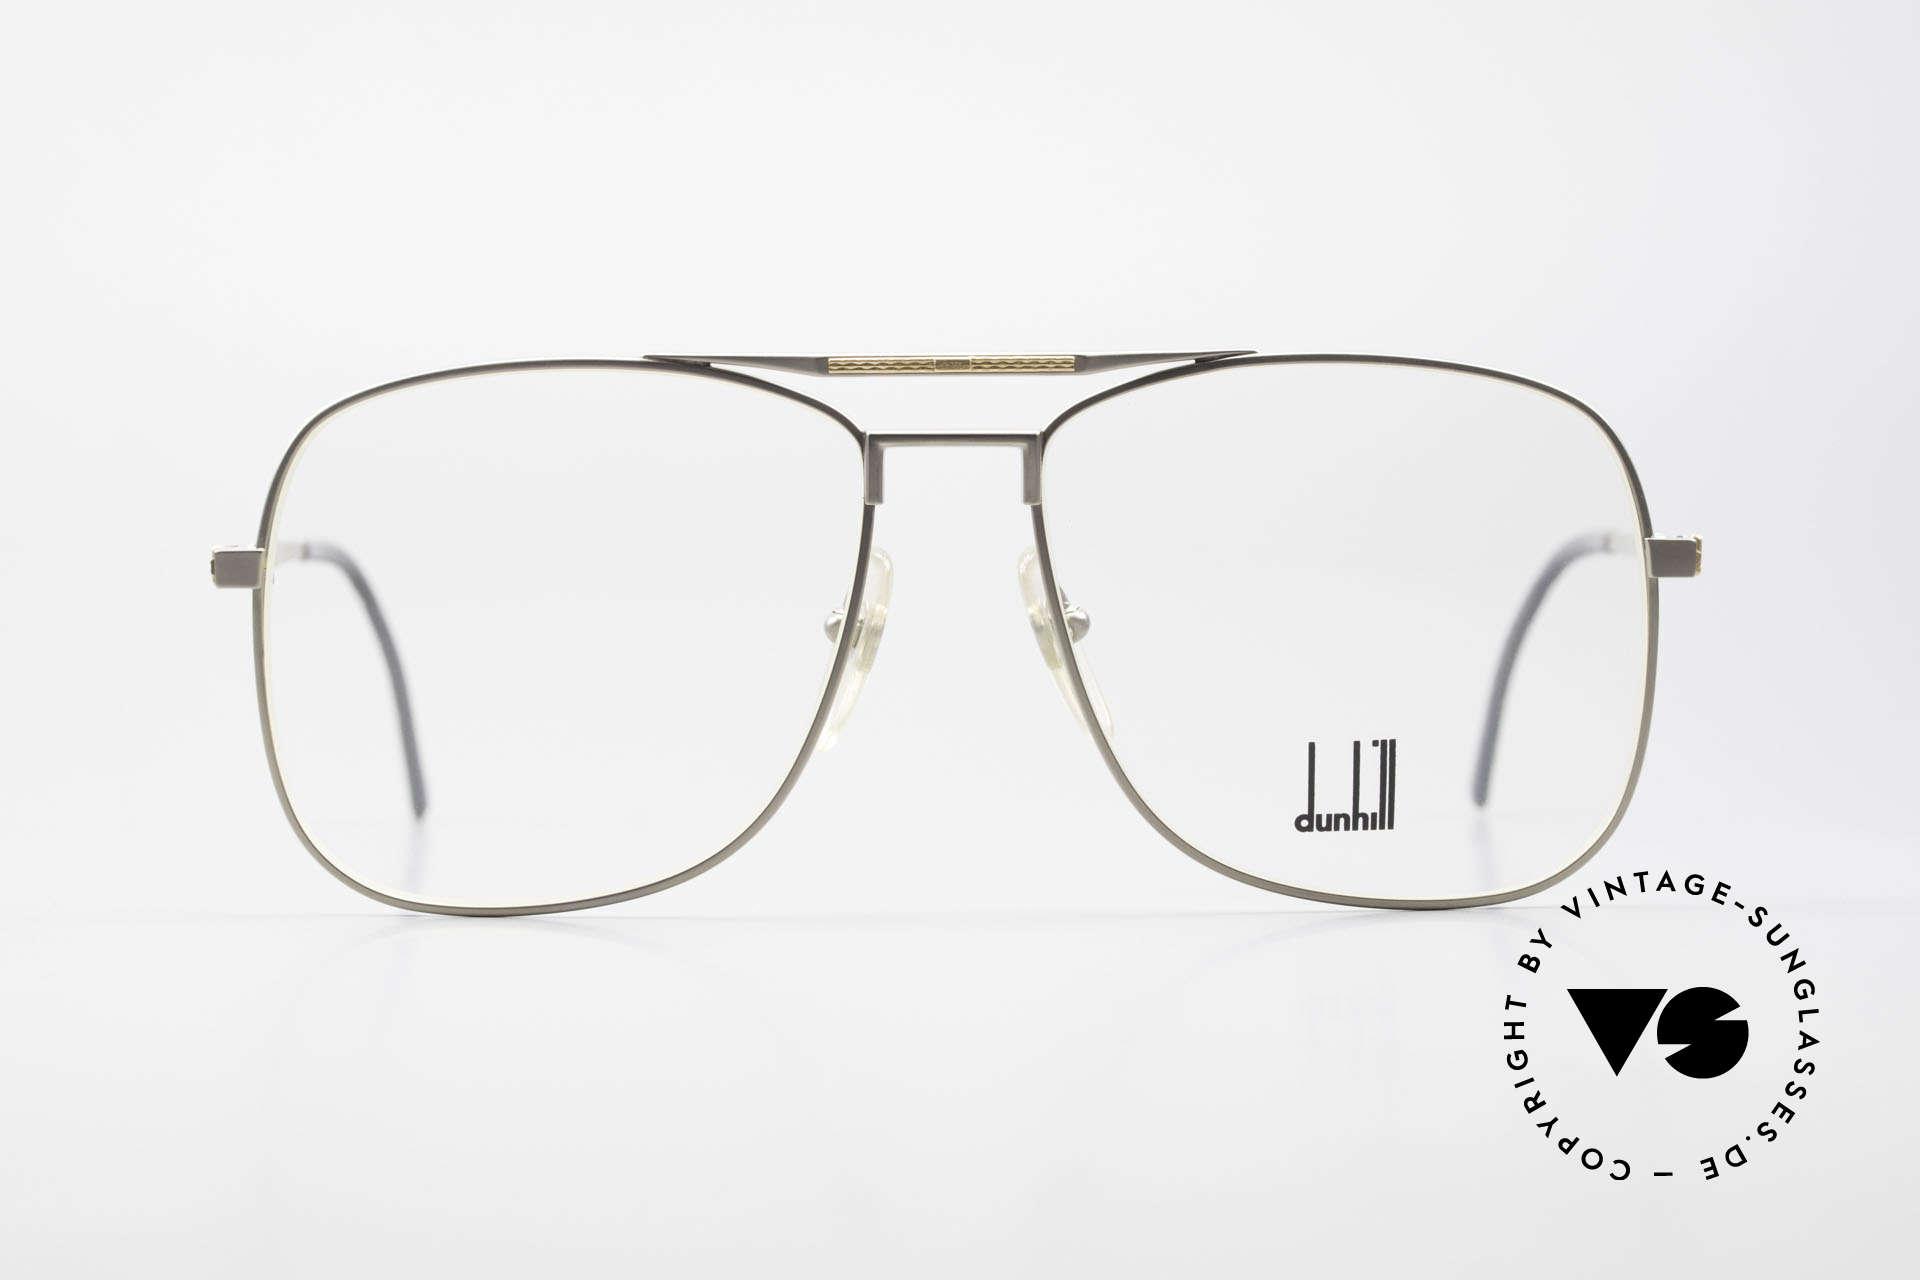 Dunhill 6038 18kt Gold Titanium Brille 80er, A. DUNHILL Titan-Brillenfassung mit 18kt Gold-Dekor, Passend für Herren